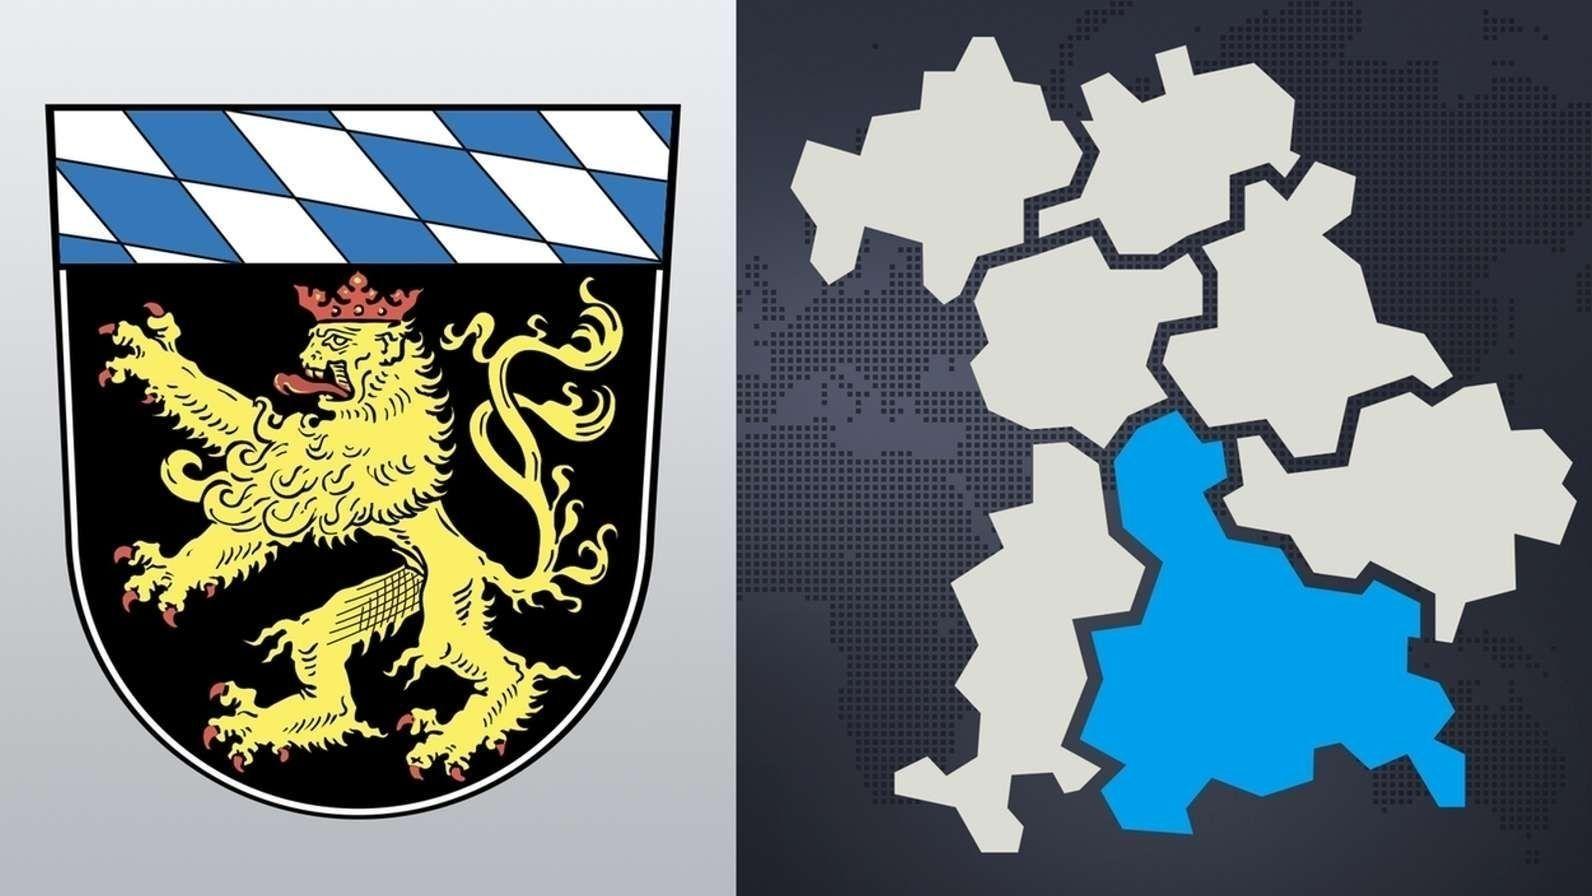 Das Wappen Oberbayerns und der Bezirk auf der Karte